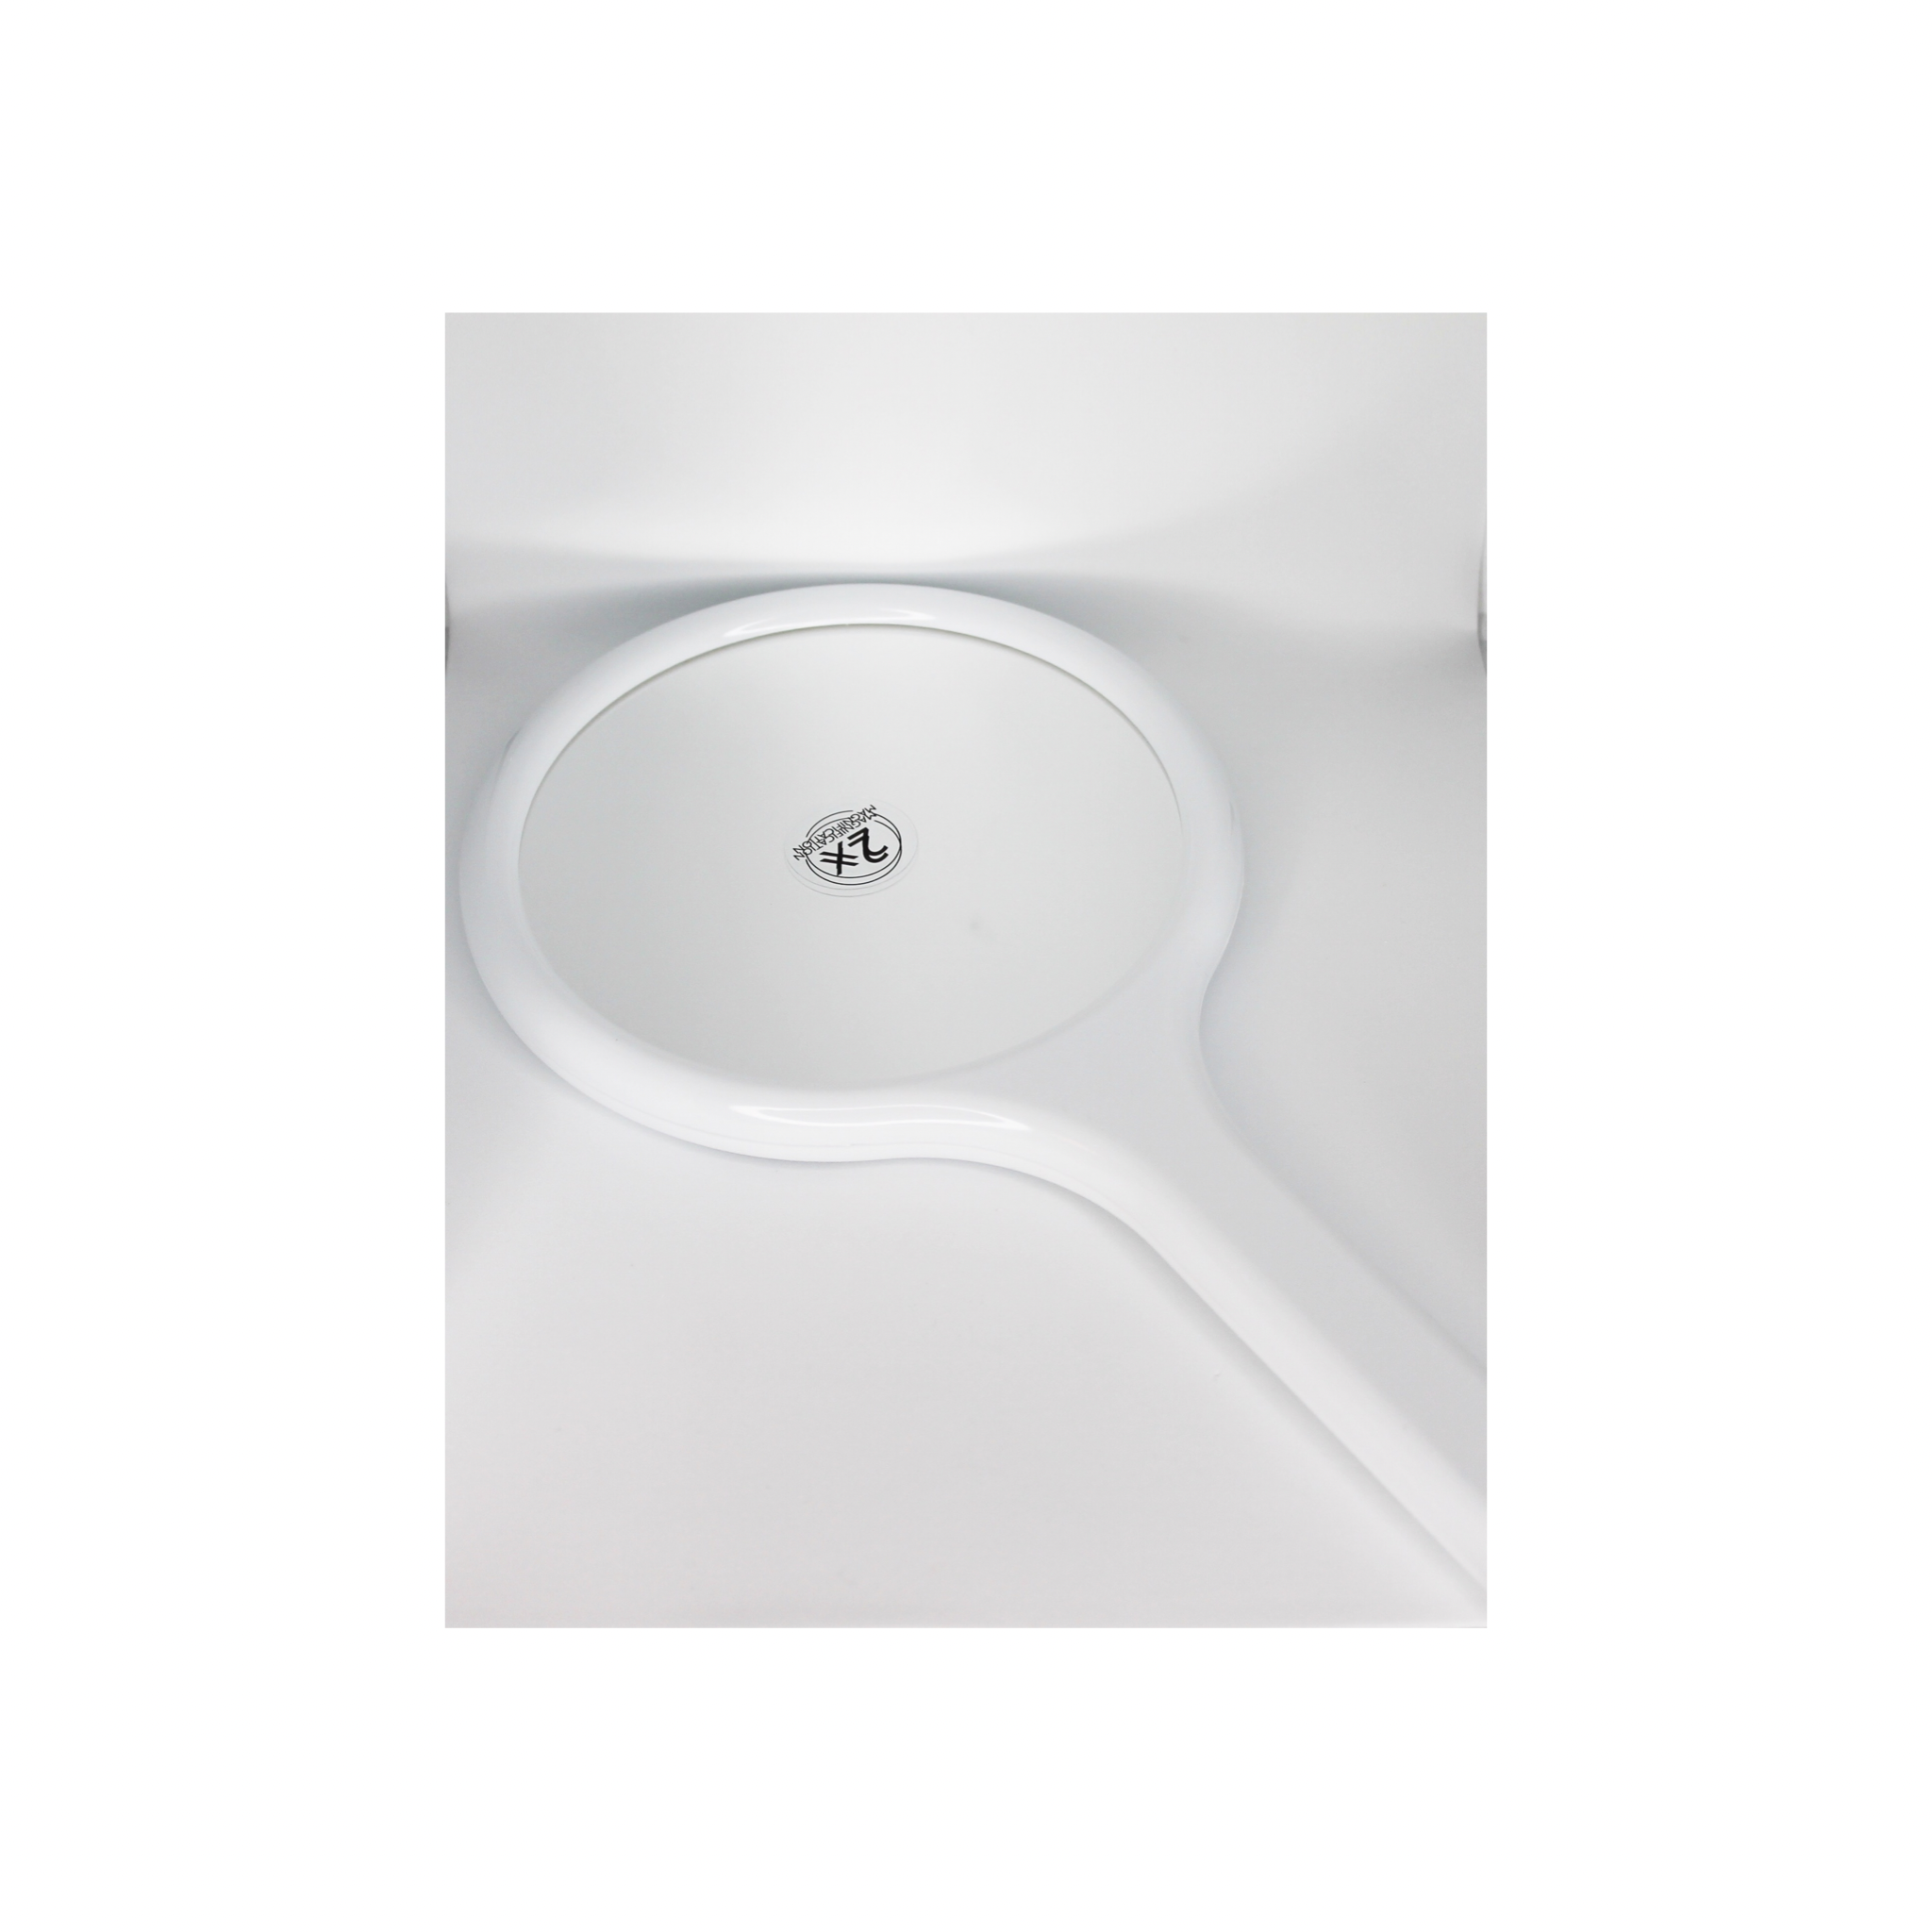 Handspegel / Hand mirror, White